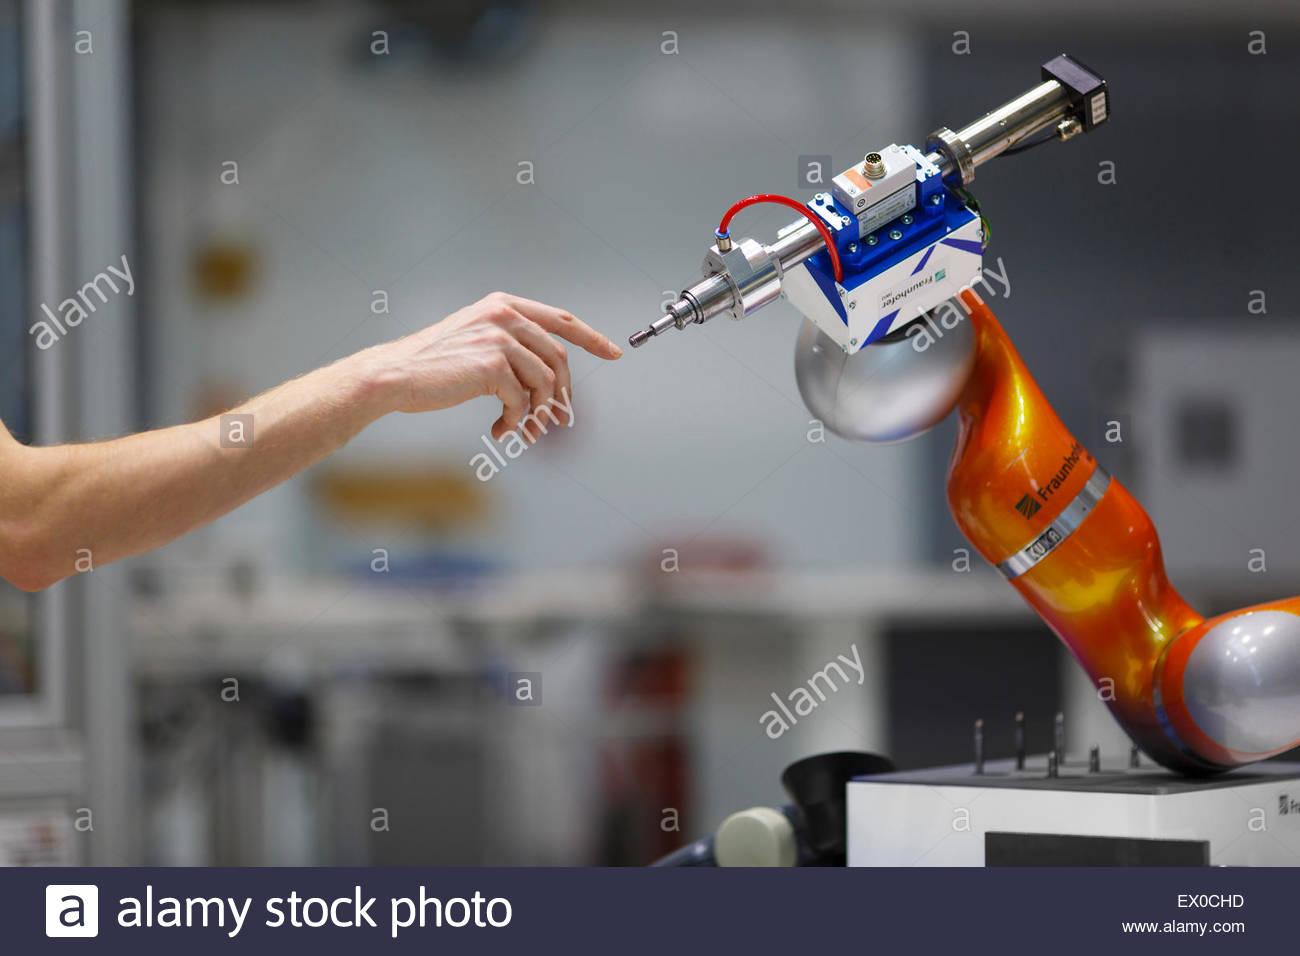 Immagine simbolica sull uomo - macchina - cooperazione Foto Stock